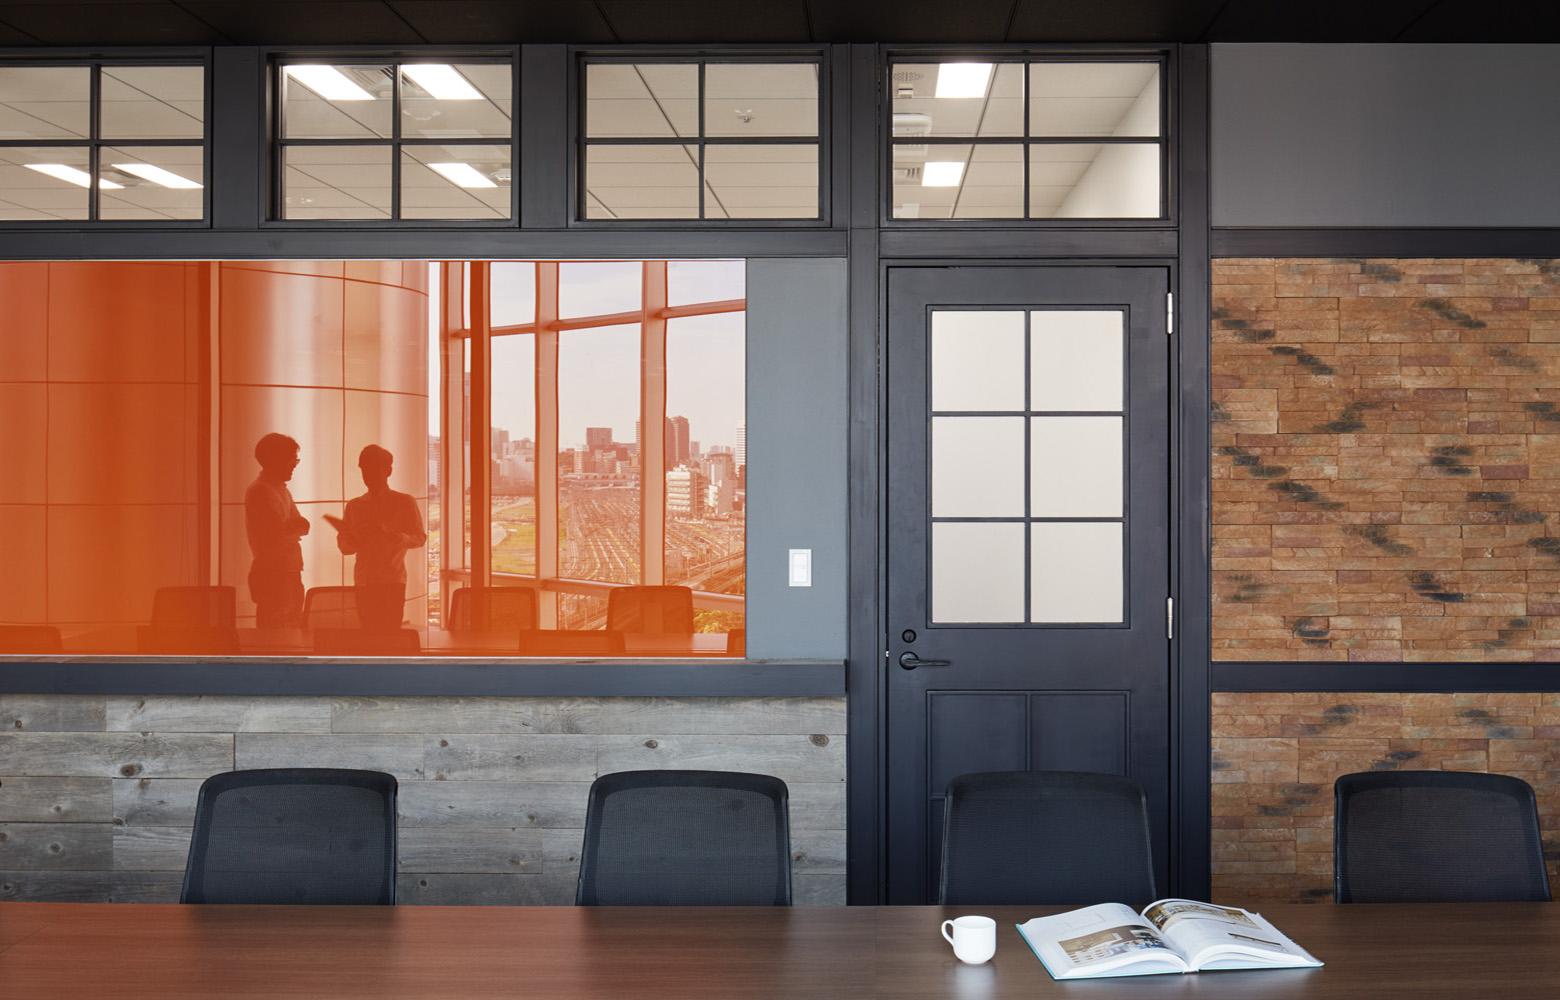 株式会社バンダイナムコオンライン Meeting Room_2 デザイン・レイアウト事例